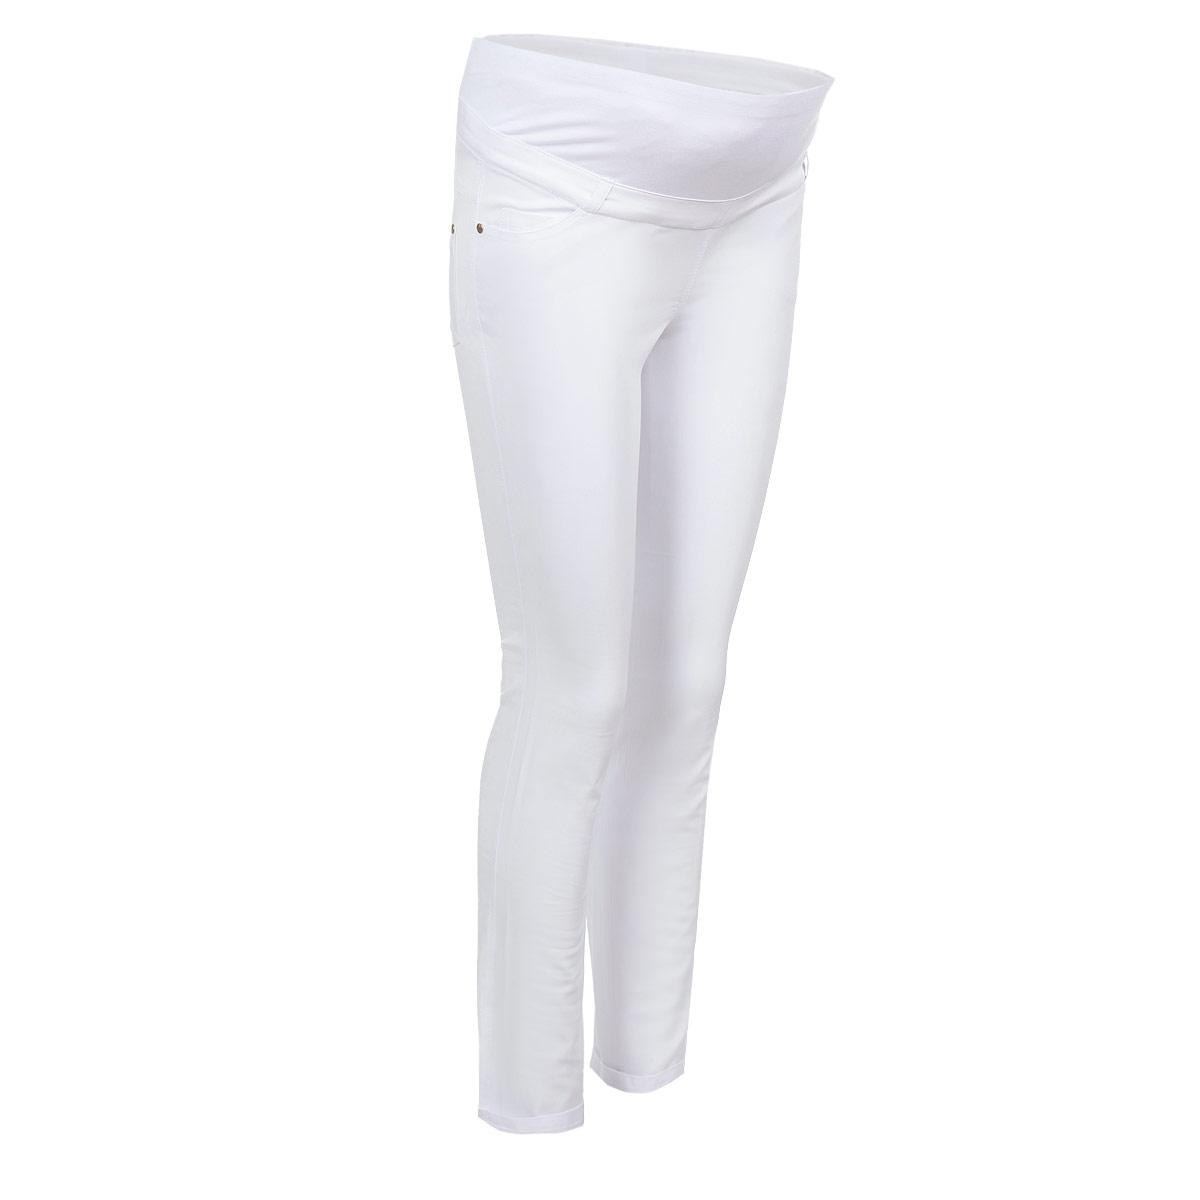 Брюки для беременных Nuova Vita, цвет: белый. 5422.2. Размер 505422.2Стильные брюки для беременных Nuova Vita выполнены из тонкого эластичного материала. Ткань приятная на ощупь, не вызывает раздражений и надежно сохраняет тепло. Модель прямого кроя с удобным бандажом на живот и регулируемой резинкой, позволяющей носить эти брюки вплоть до 9 месяца беременности. Спереди брюки дополнены двумя втачными карманами, сзади - двумя накладными карманами. На поясе предусмотрены шлевки для ремня. Такие брюки подарят вам комфорт и свободу движений и займут достойное место в гардеробе молодой мамы.